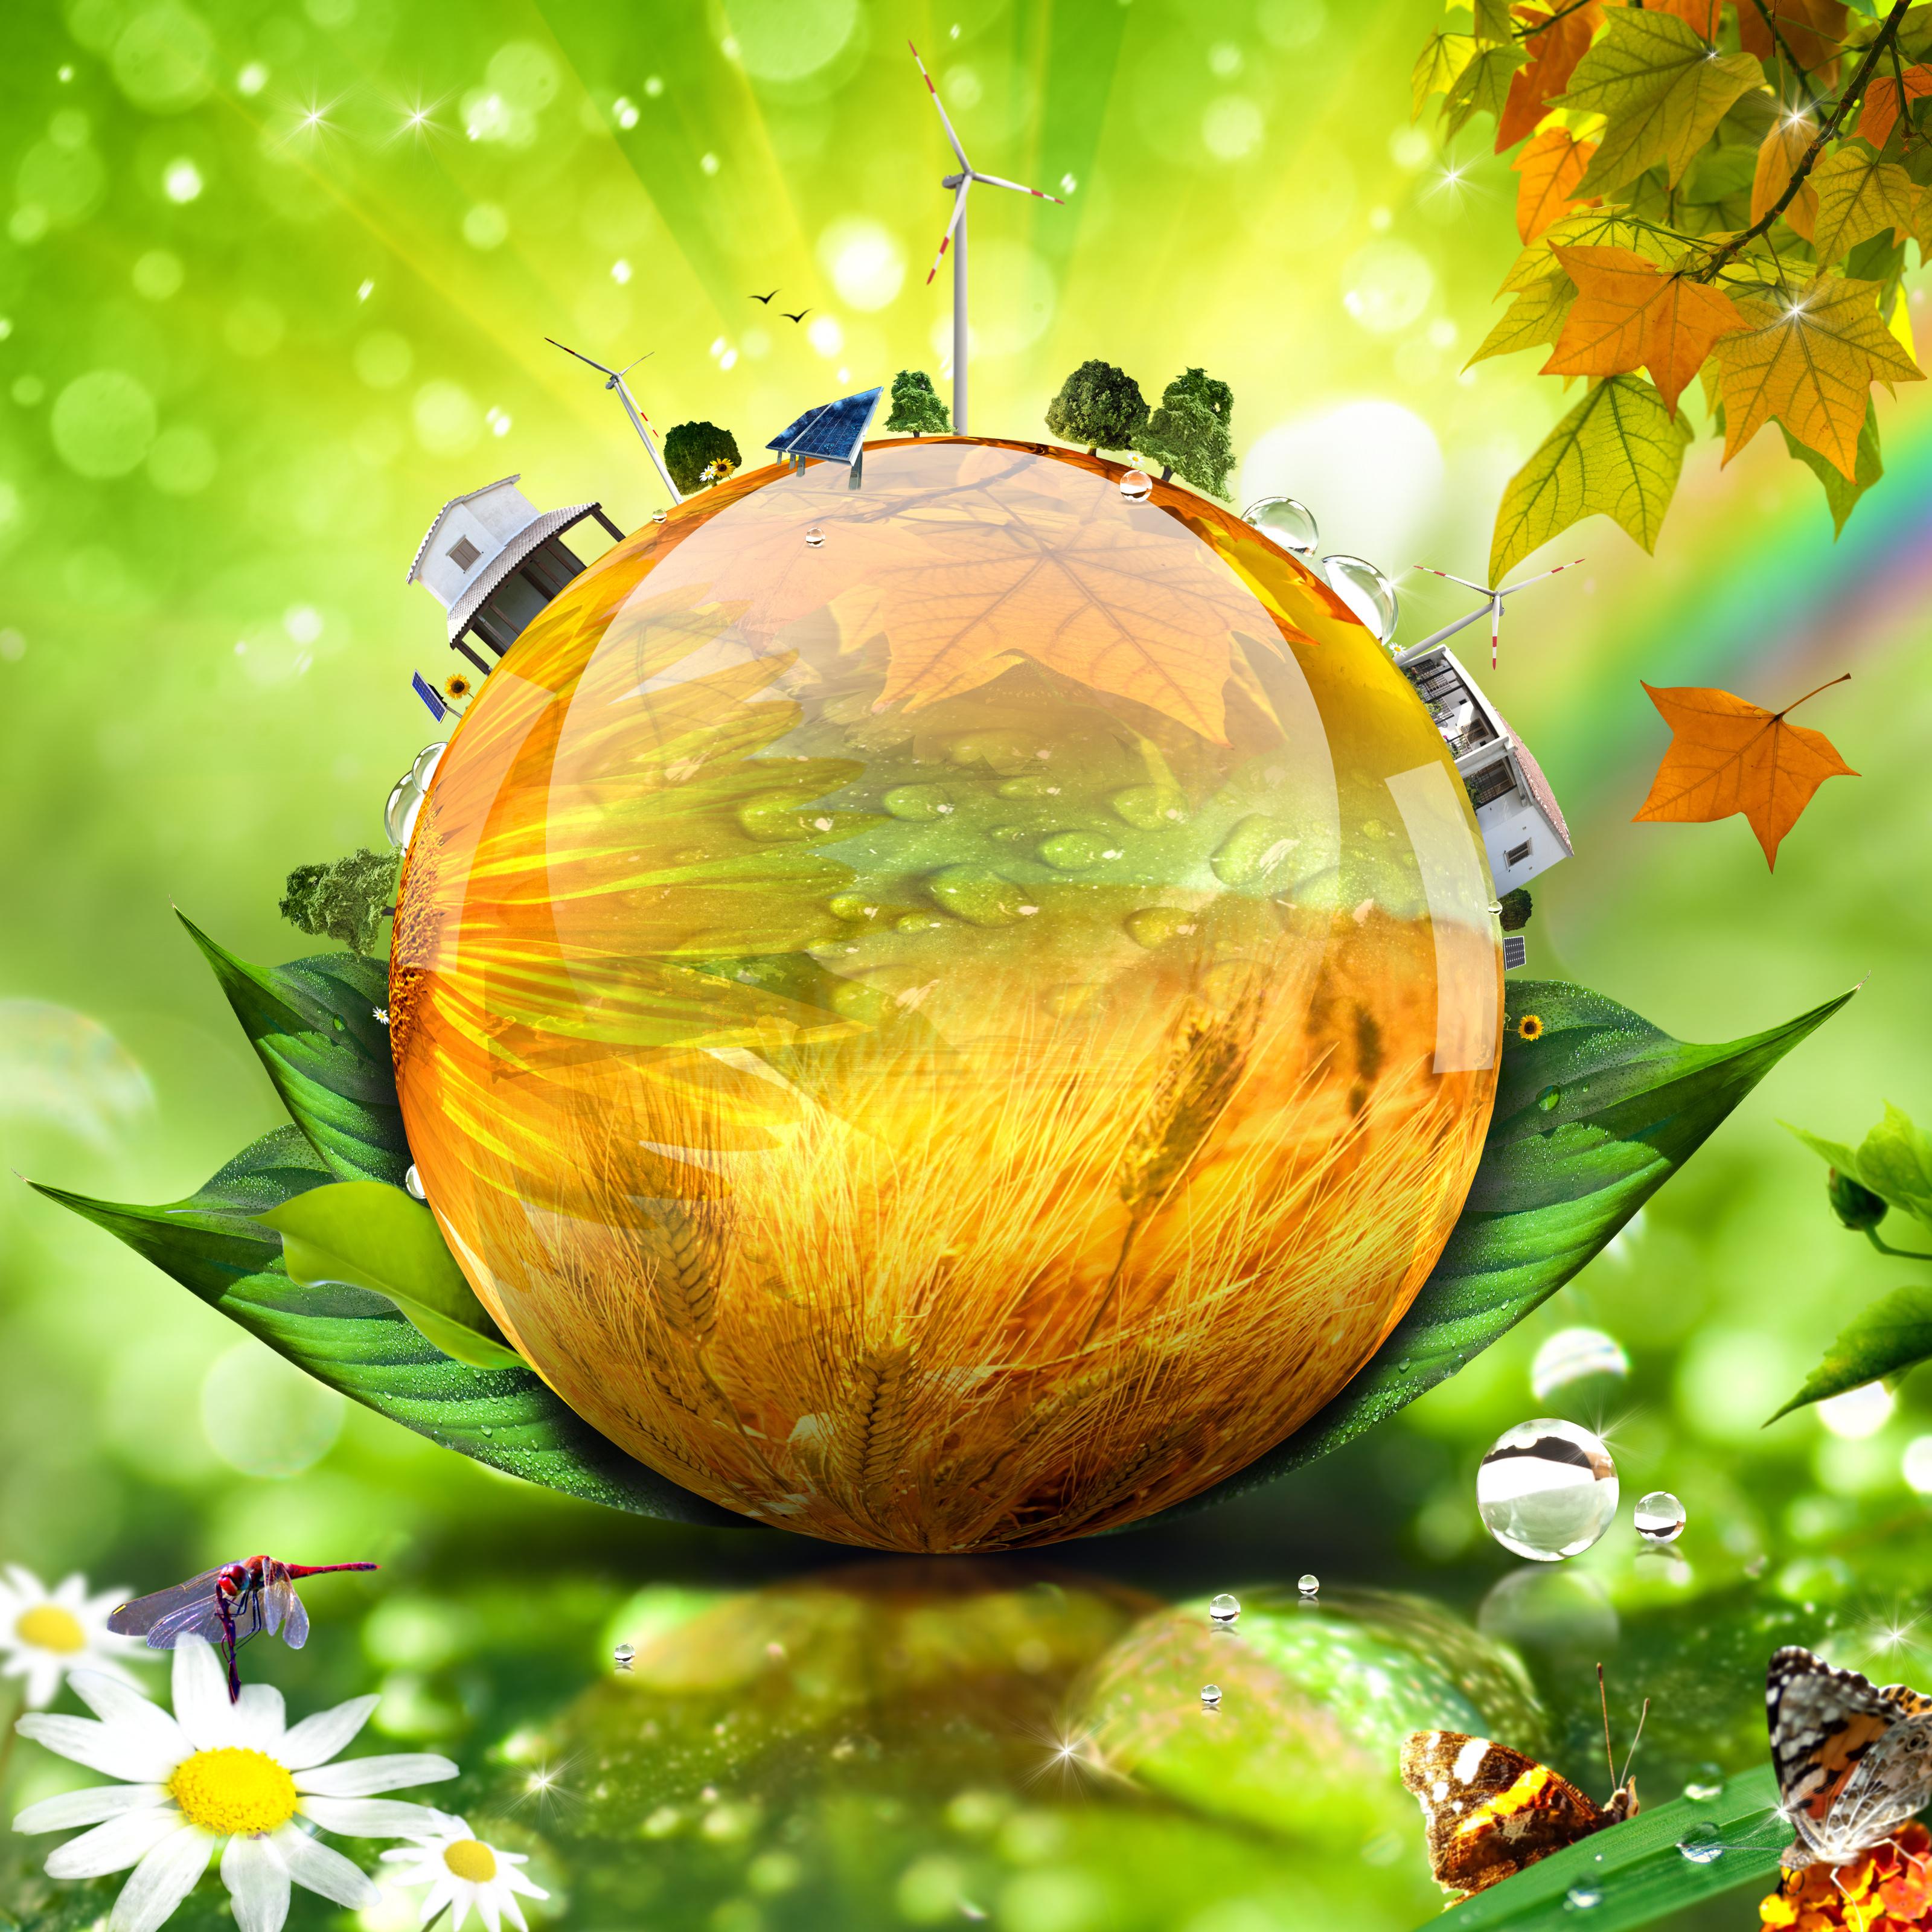 Объявлен творческий конкурс на проектирование композиции, посвящённой природе